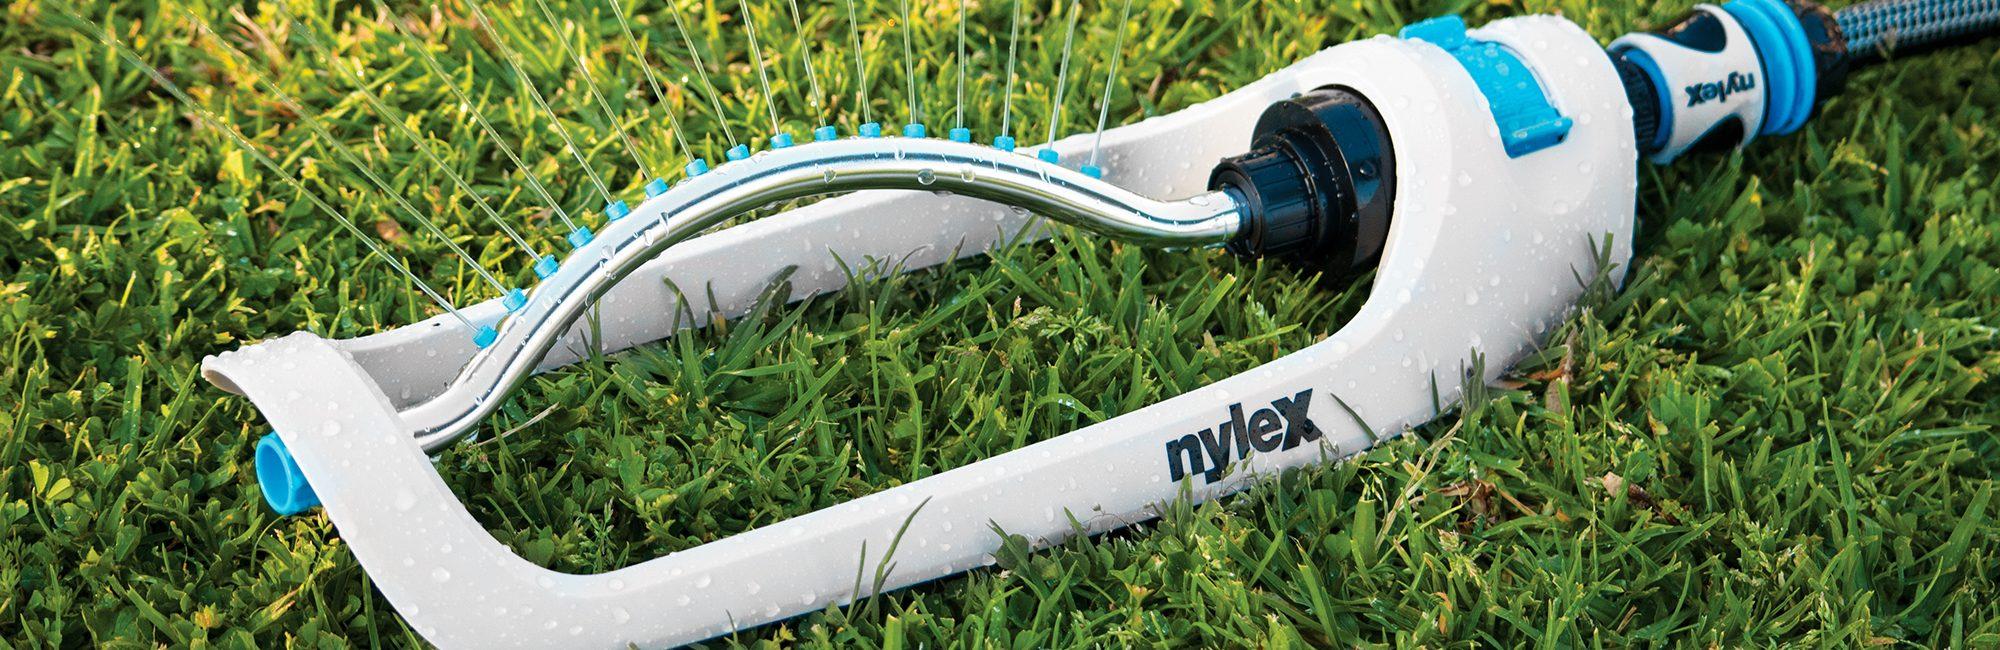 nylex-new-bg